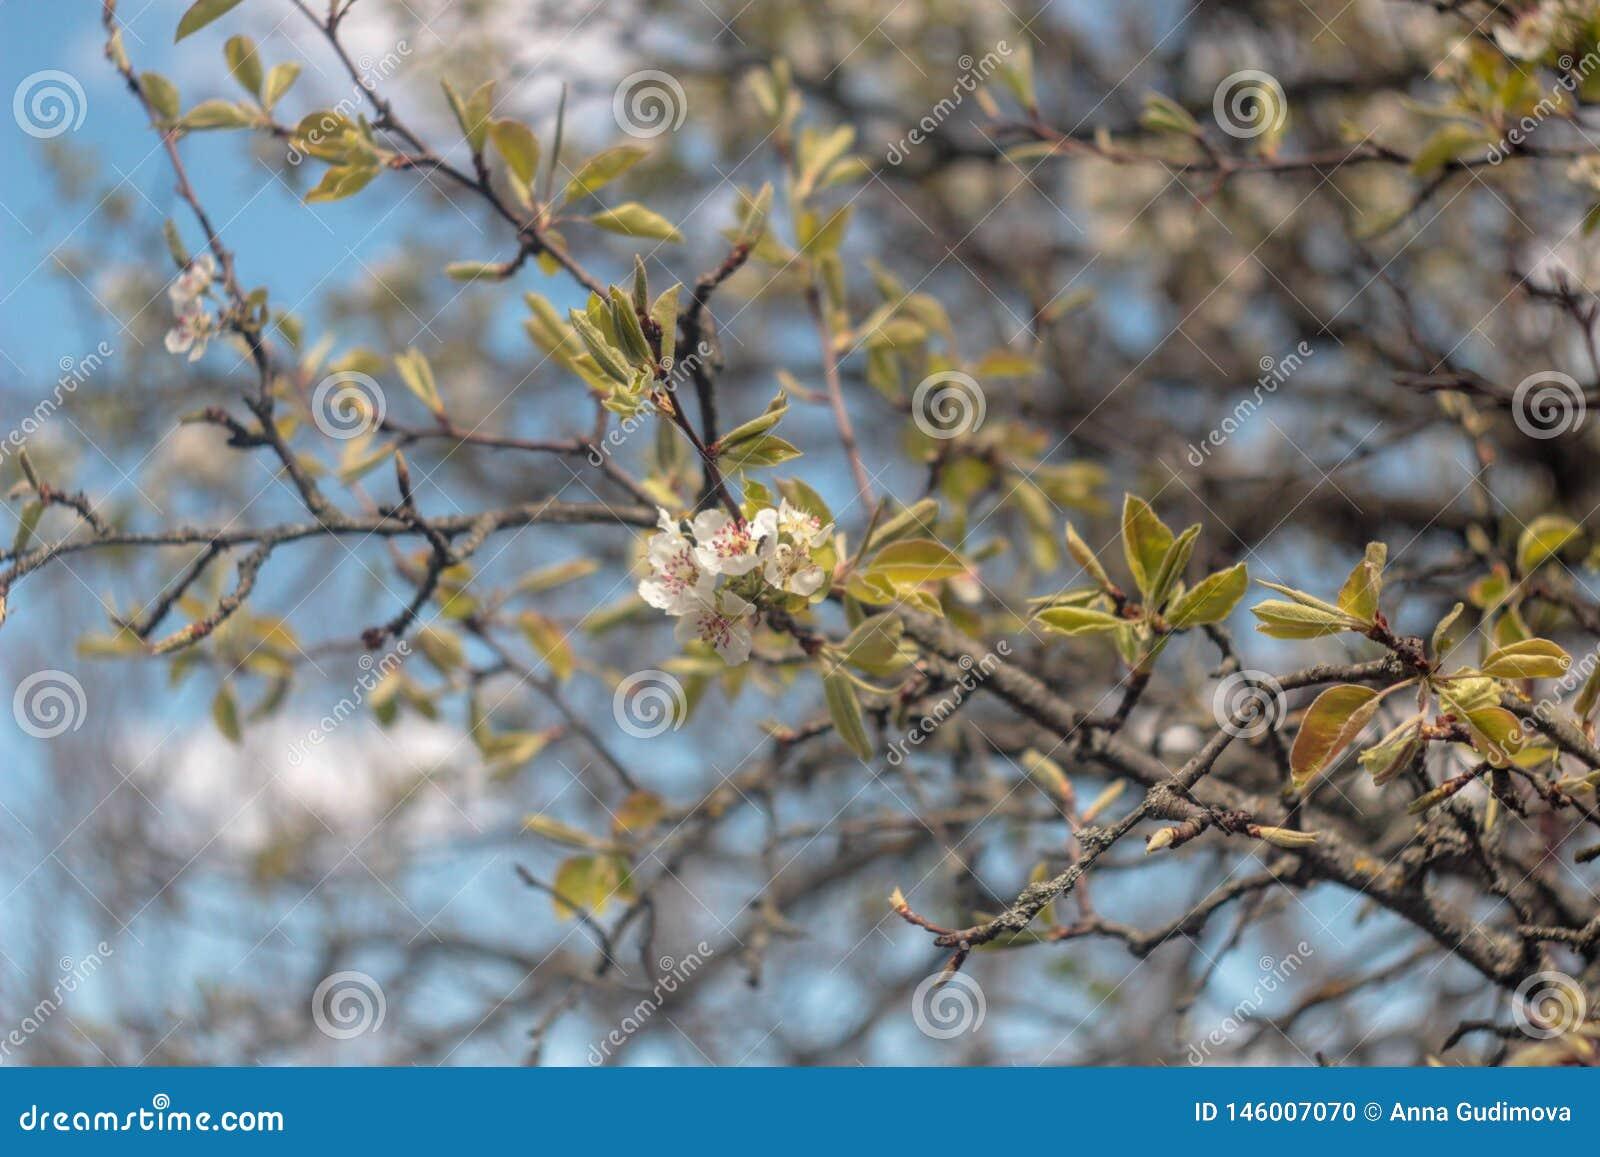 Foto van bloeiende perenboom